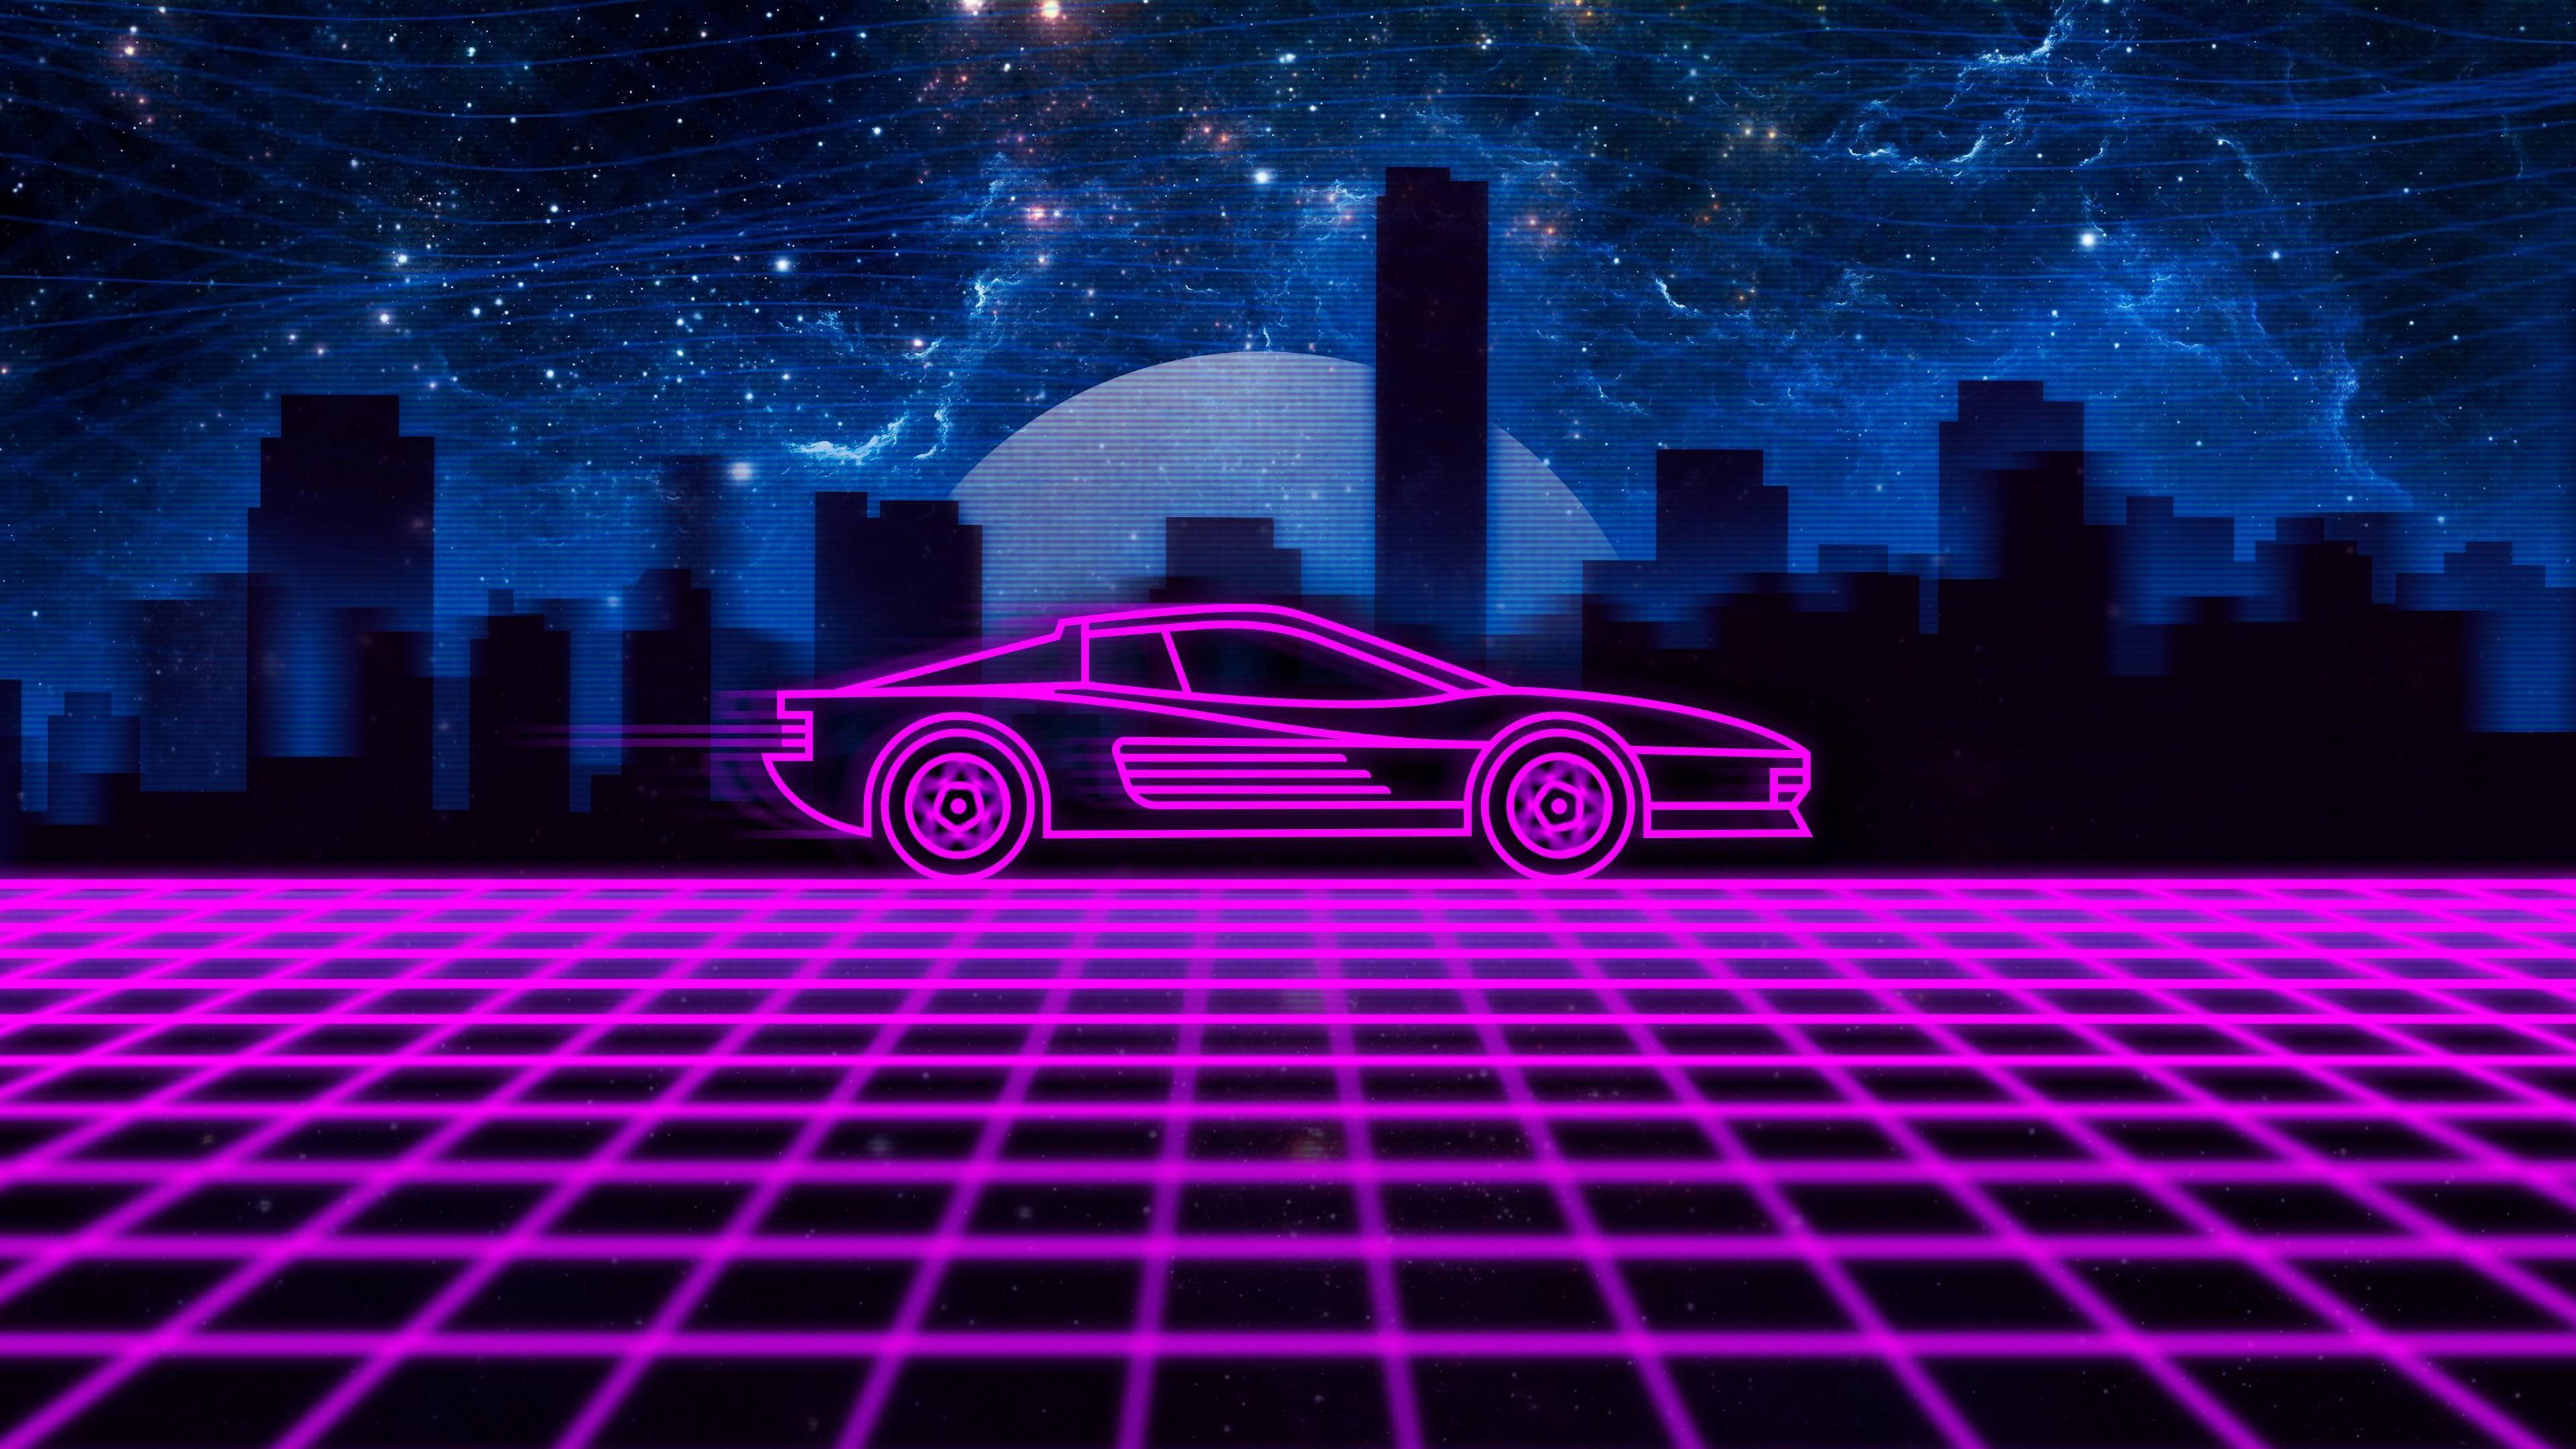 Hintergrundbilder Synthwave Neon Retrowave Ferrari Testarossa Digitale Kunst Neue Retro Wave 3840x2160 Wallpapermaniac 1452699 Hintergrundbilder Wallhere